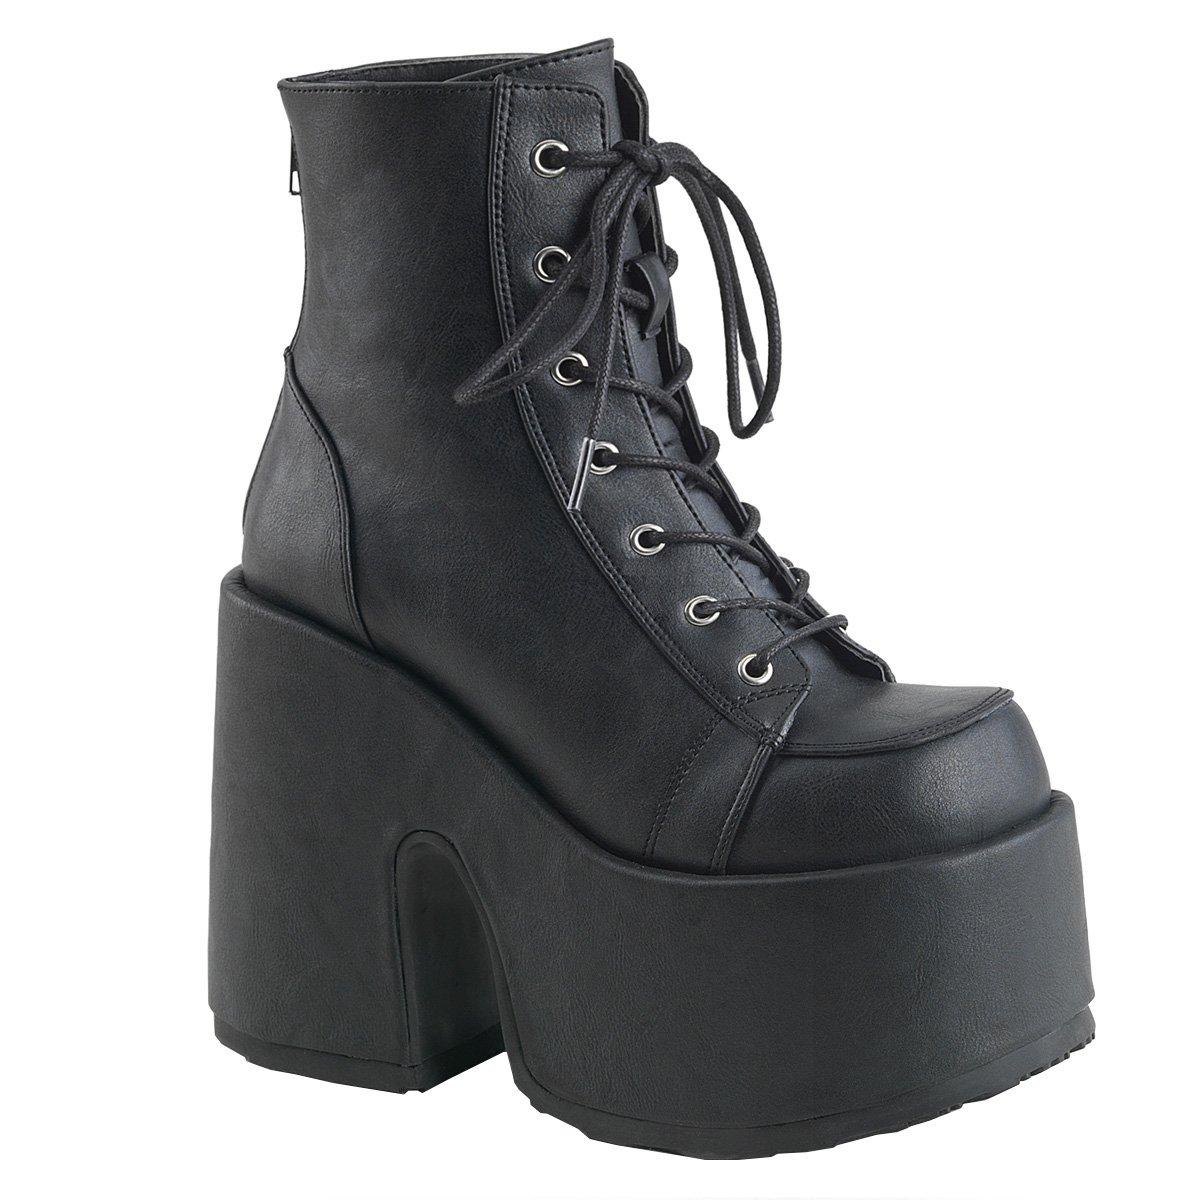 Demonia Damen Platform Schnür Stiefelies Stiefel Camel-203 Mattschwarz